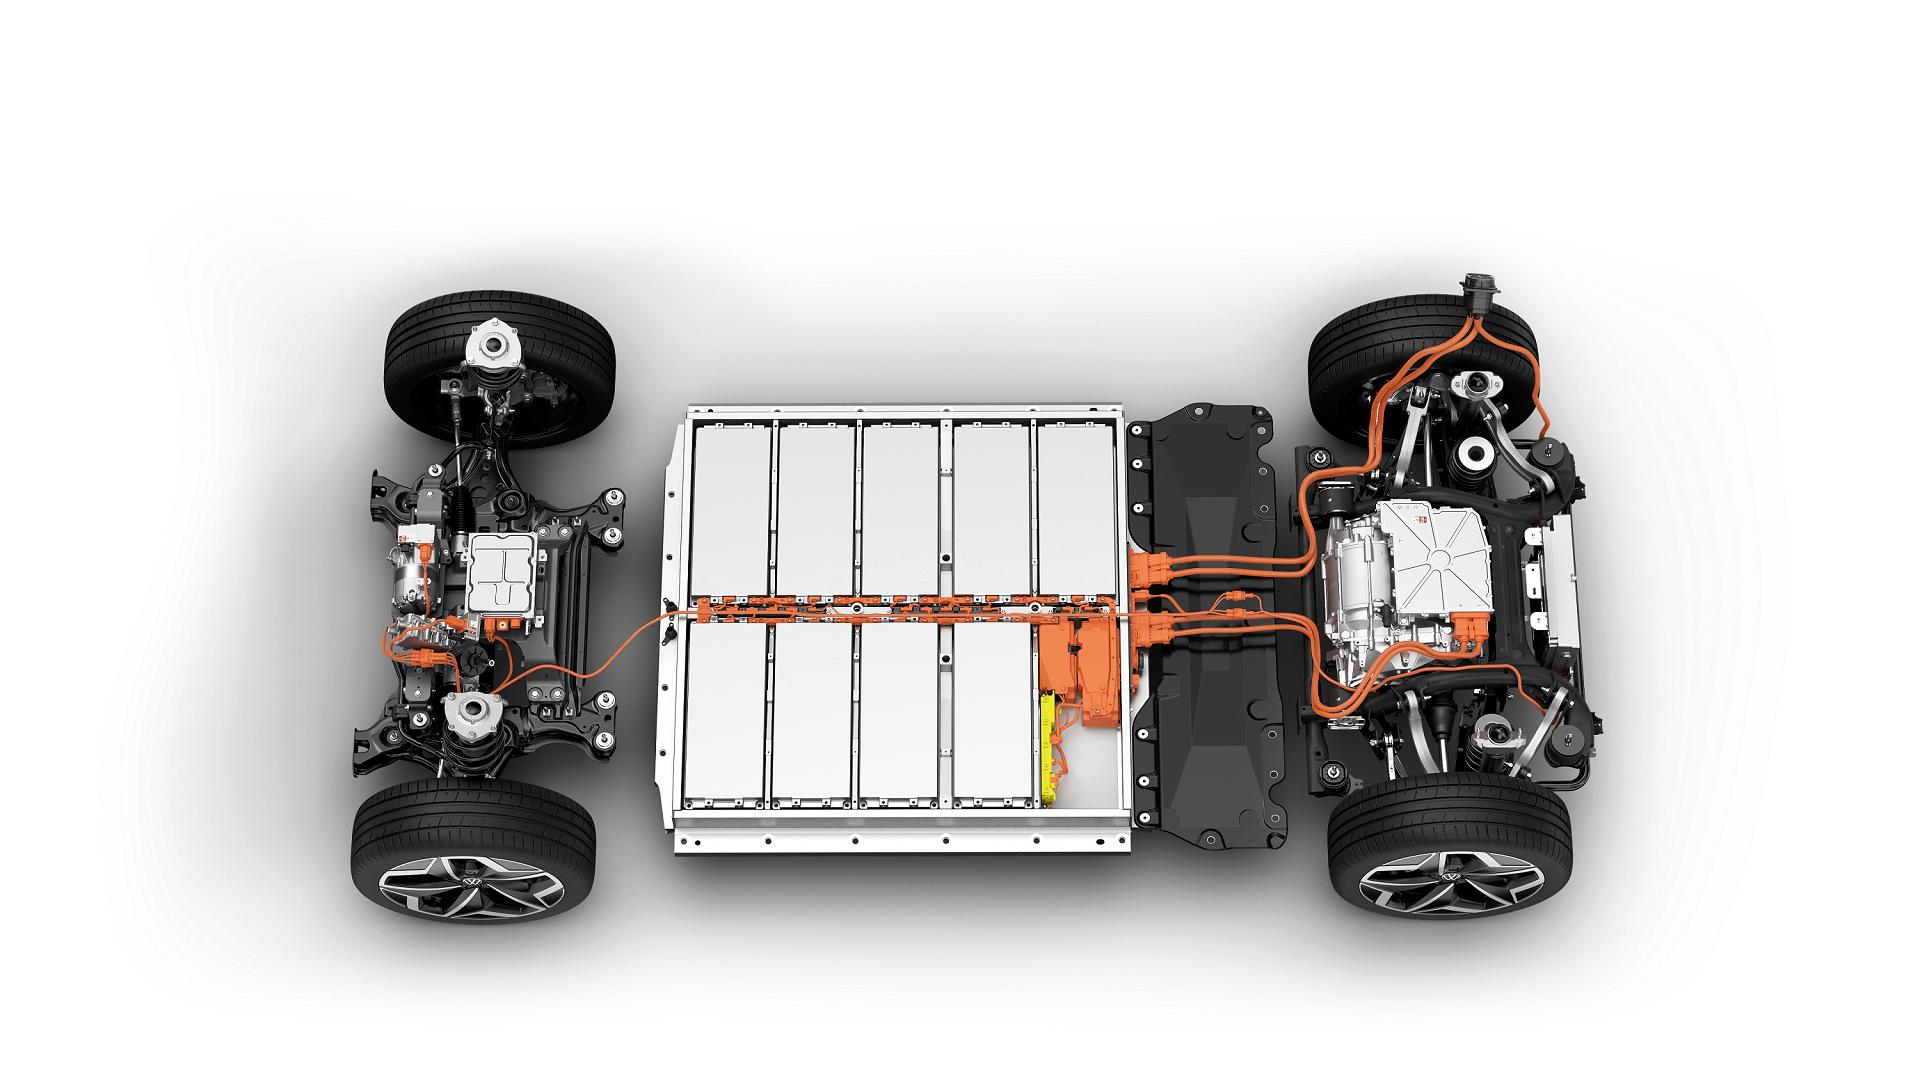 VW ID.3 - Αρθρωτή πλατφόρμα για την ηλεκτροκίνηση